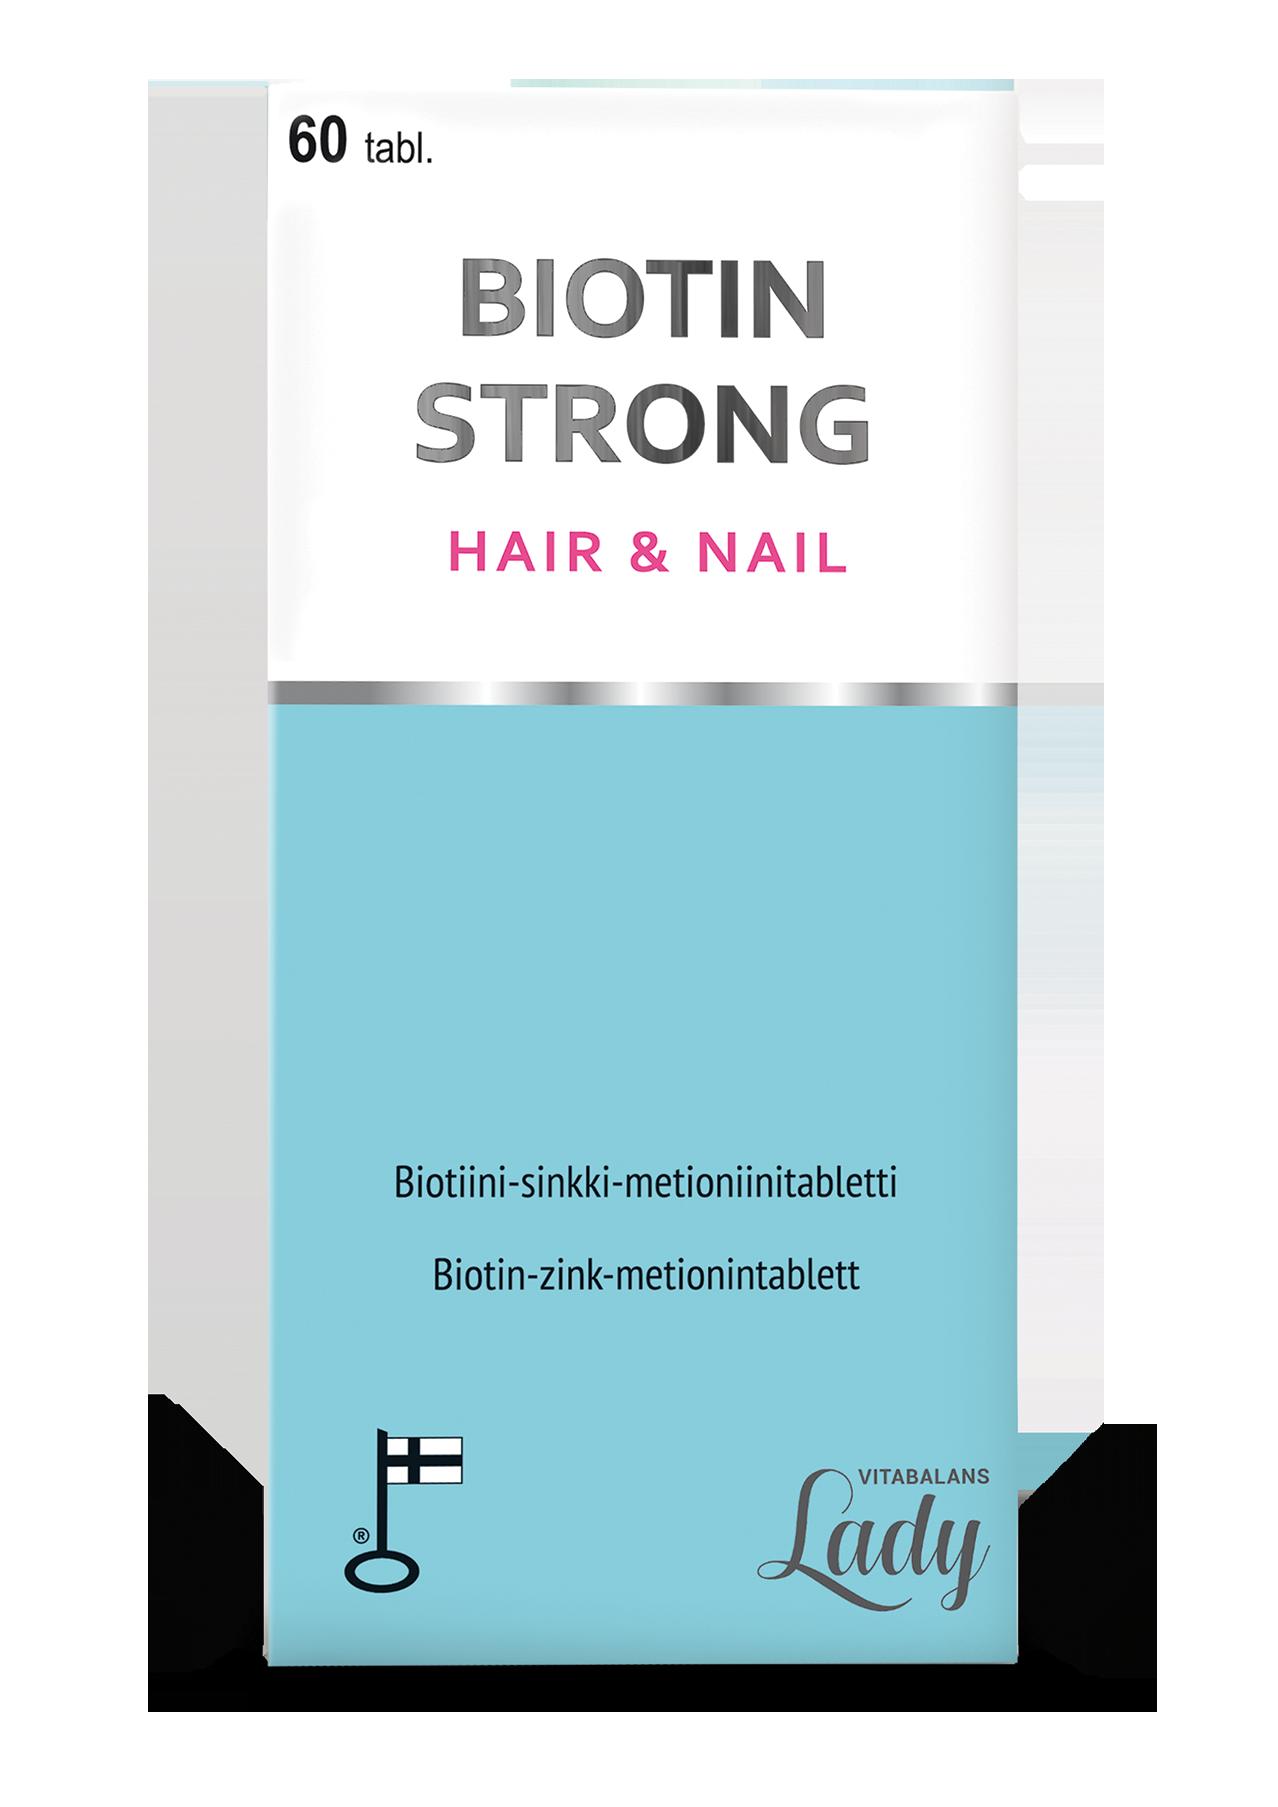 Biotin Strong_brandsite